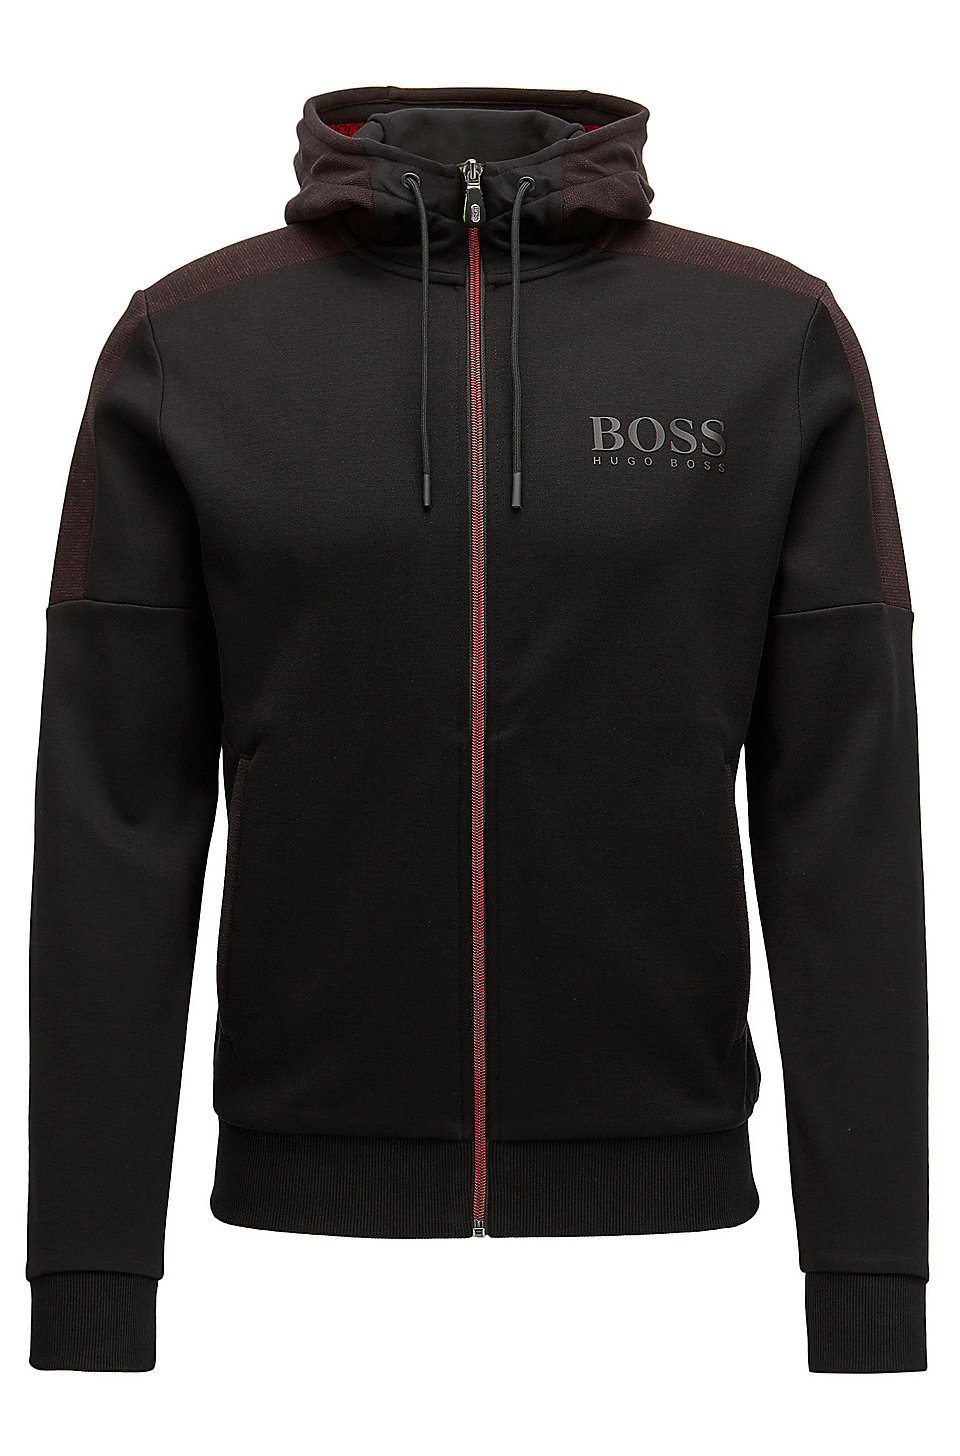 boss regular fit jacket in a cotton blend. Black Bedroom Furniture Sets. Home Design Ideas